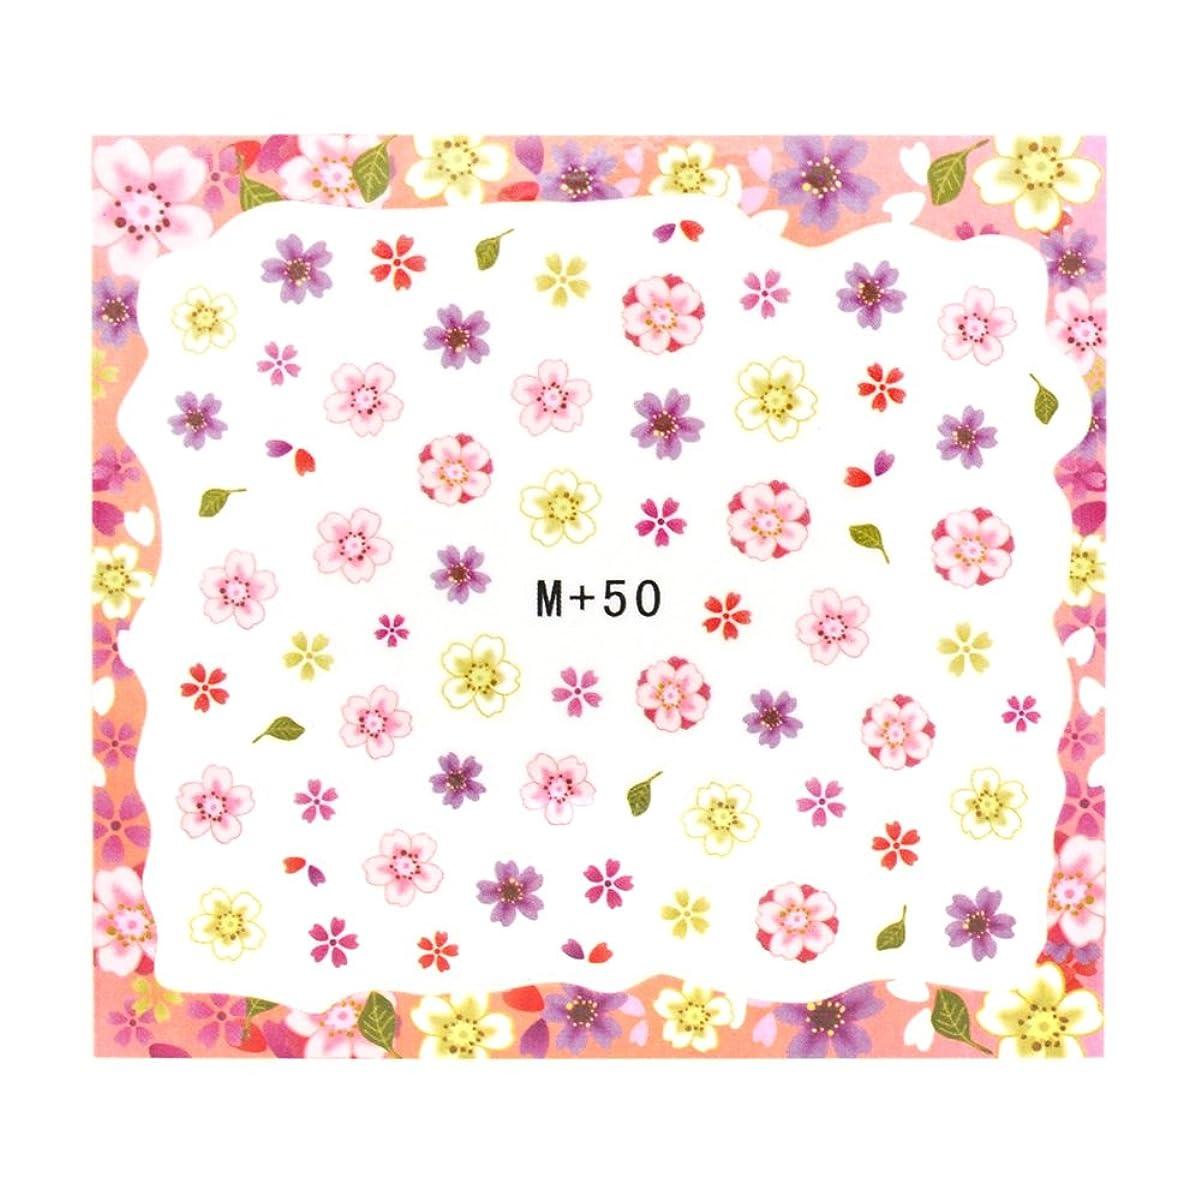 タクシー集団的オートマトン【M+50】和風桜 ウォーターネイルシール 和柄 フラワー 桜 花柄 お正月 着物 浴衣